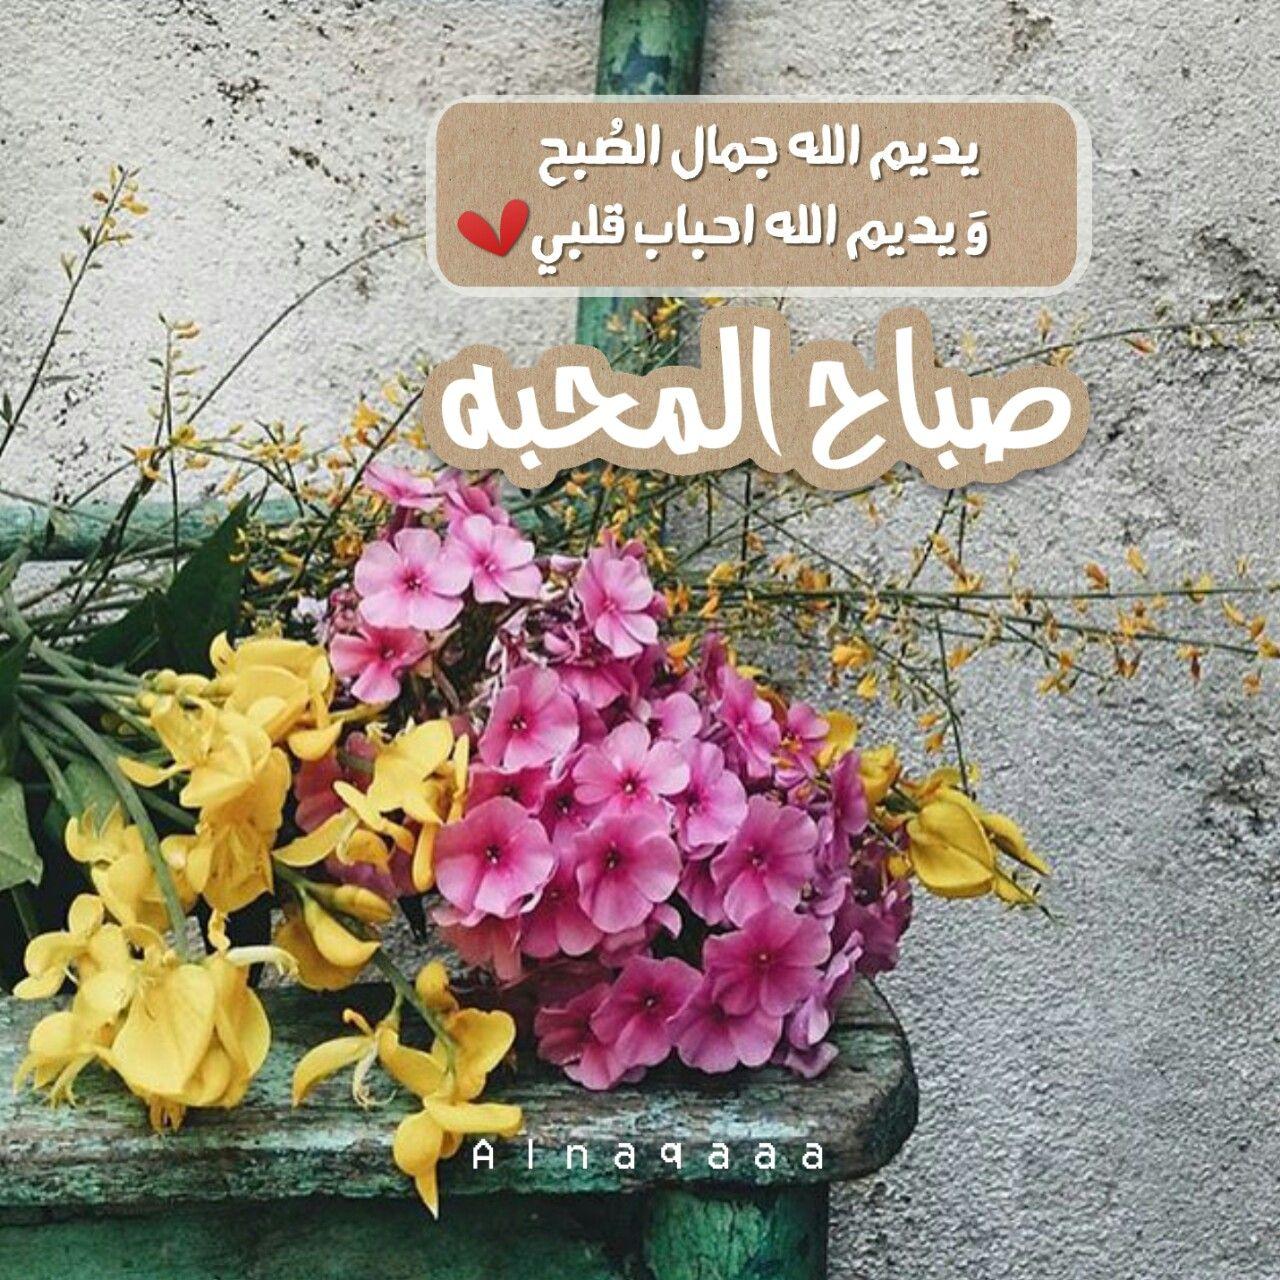 كويتية وكل ما انشره من تصميمي Beautiful Morning Messages Good Morning Arabic Good Morning Cards